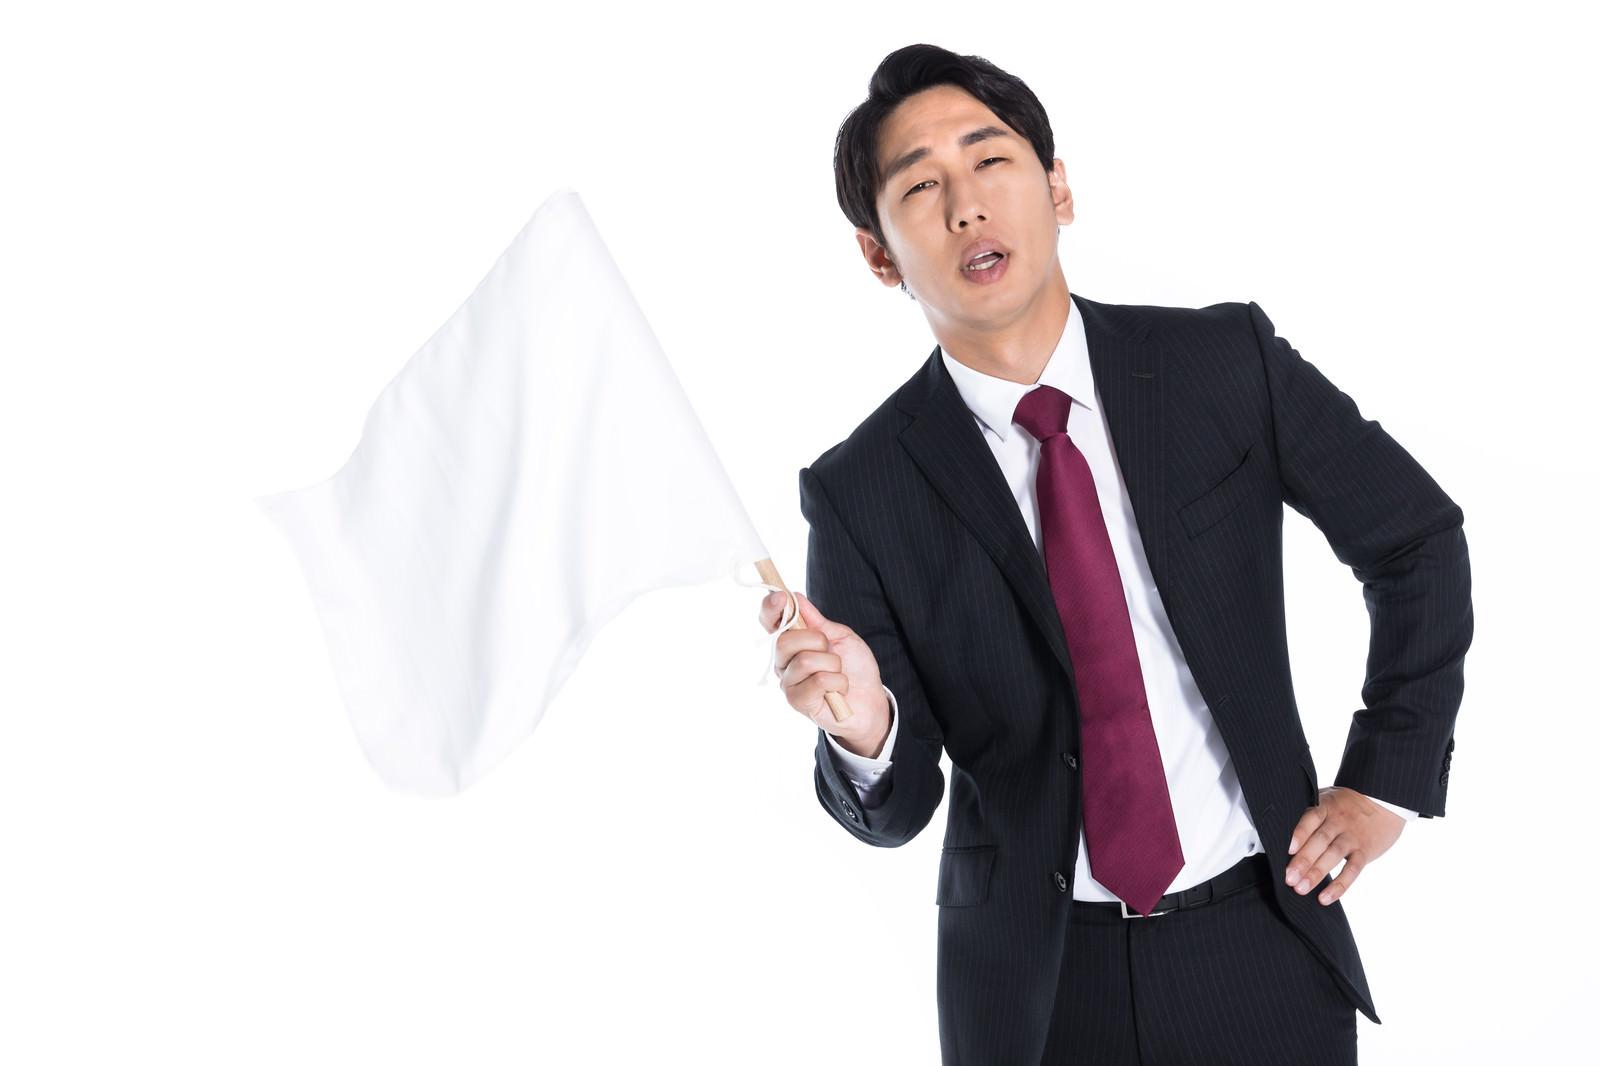 「白旗を振って負けを認める会社員」の写真[モデル:大川竜弥]